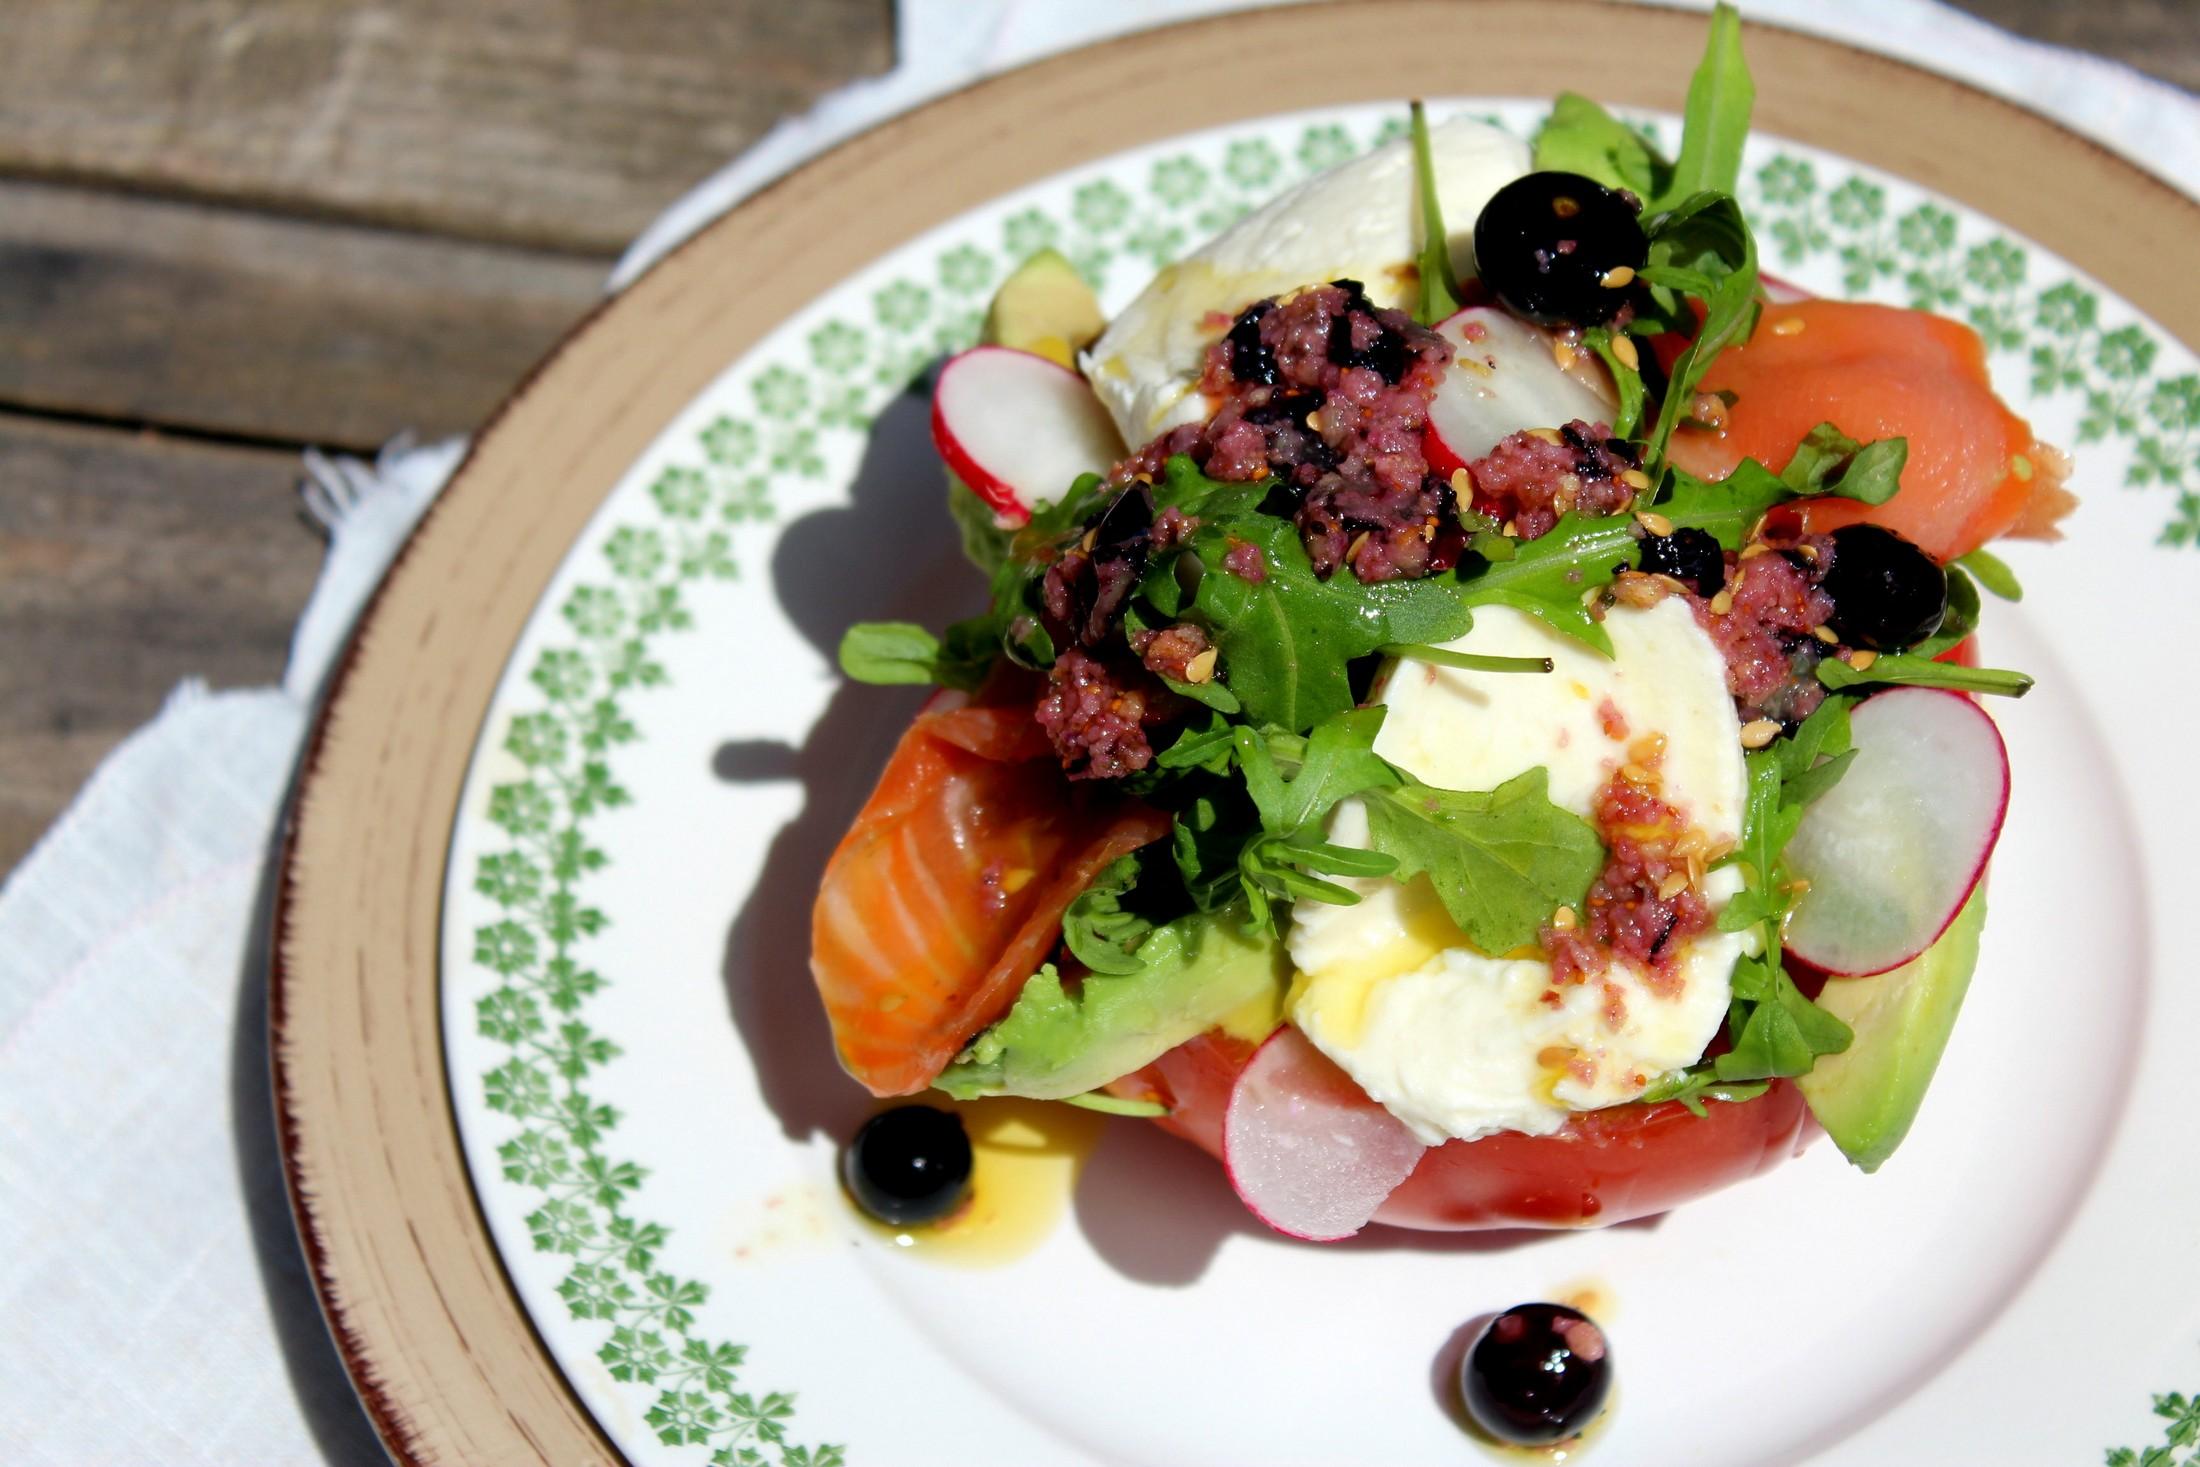 Ensalada de tomate salm n mozzarella y aguacate blog de cocina gastronom a y recetas el - Ensalada con salmon y aguacate ...